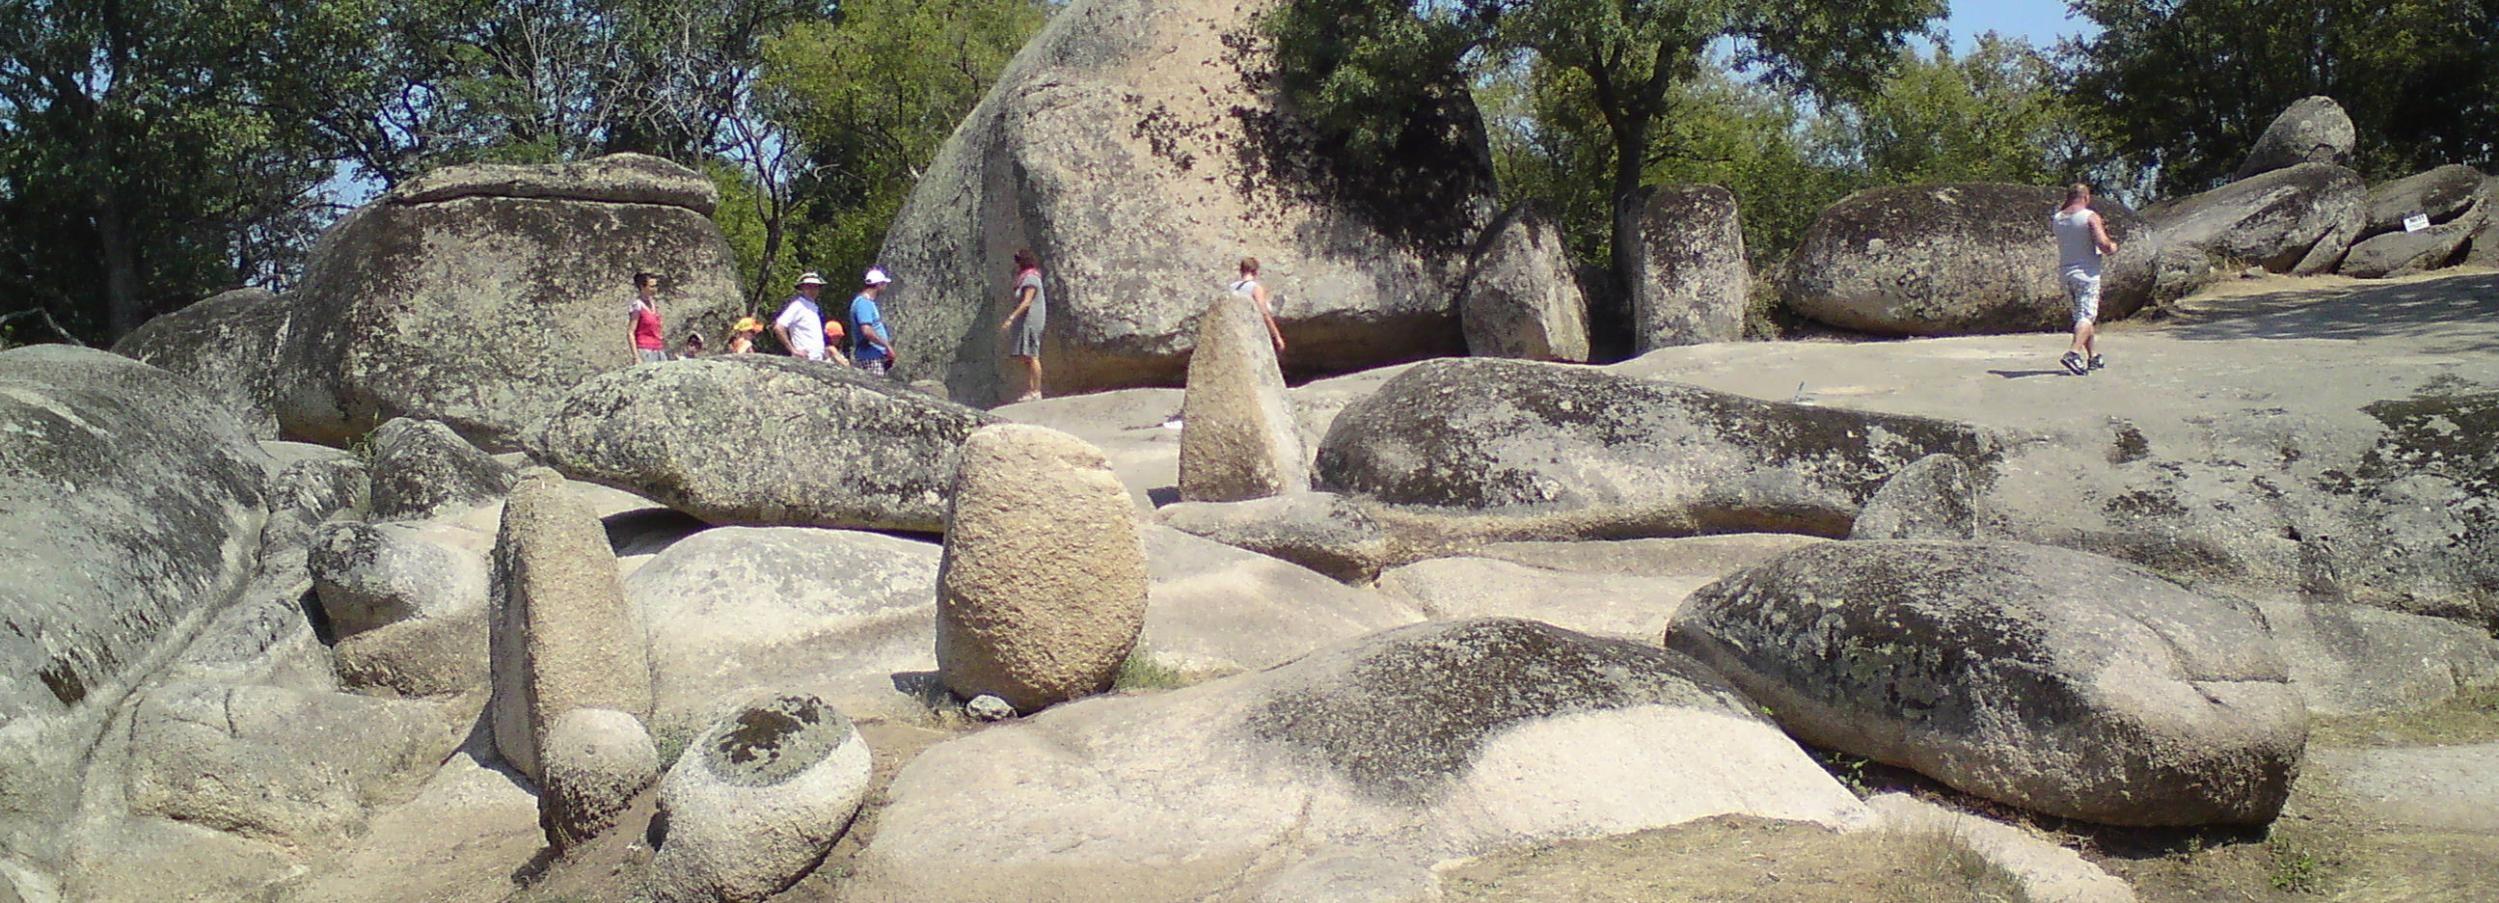 Monti Strandža: safari e tour in barca da Sunny Beach